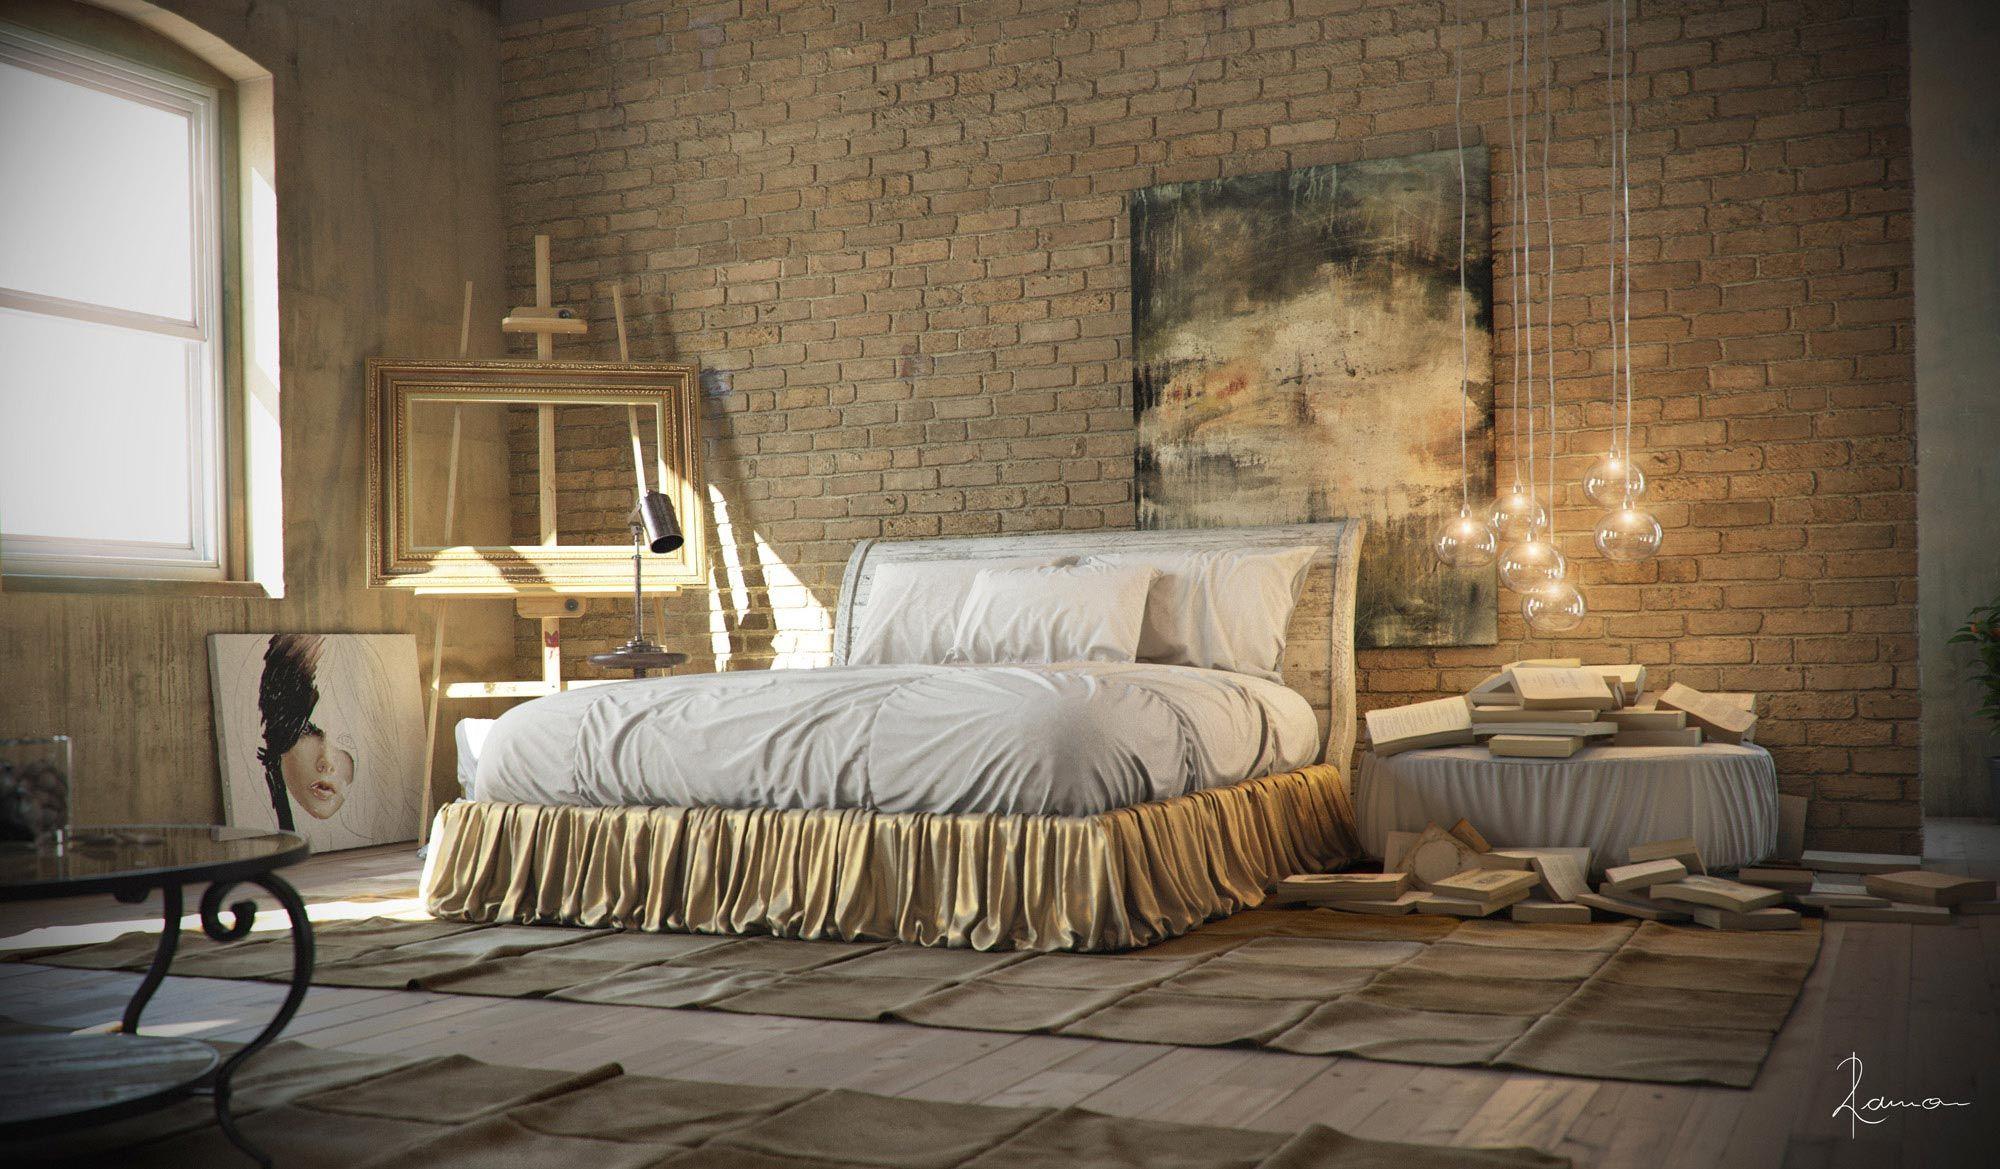 Industrial Loft Apartment Decorating Ideas